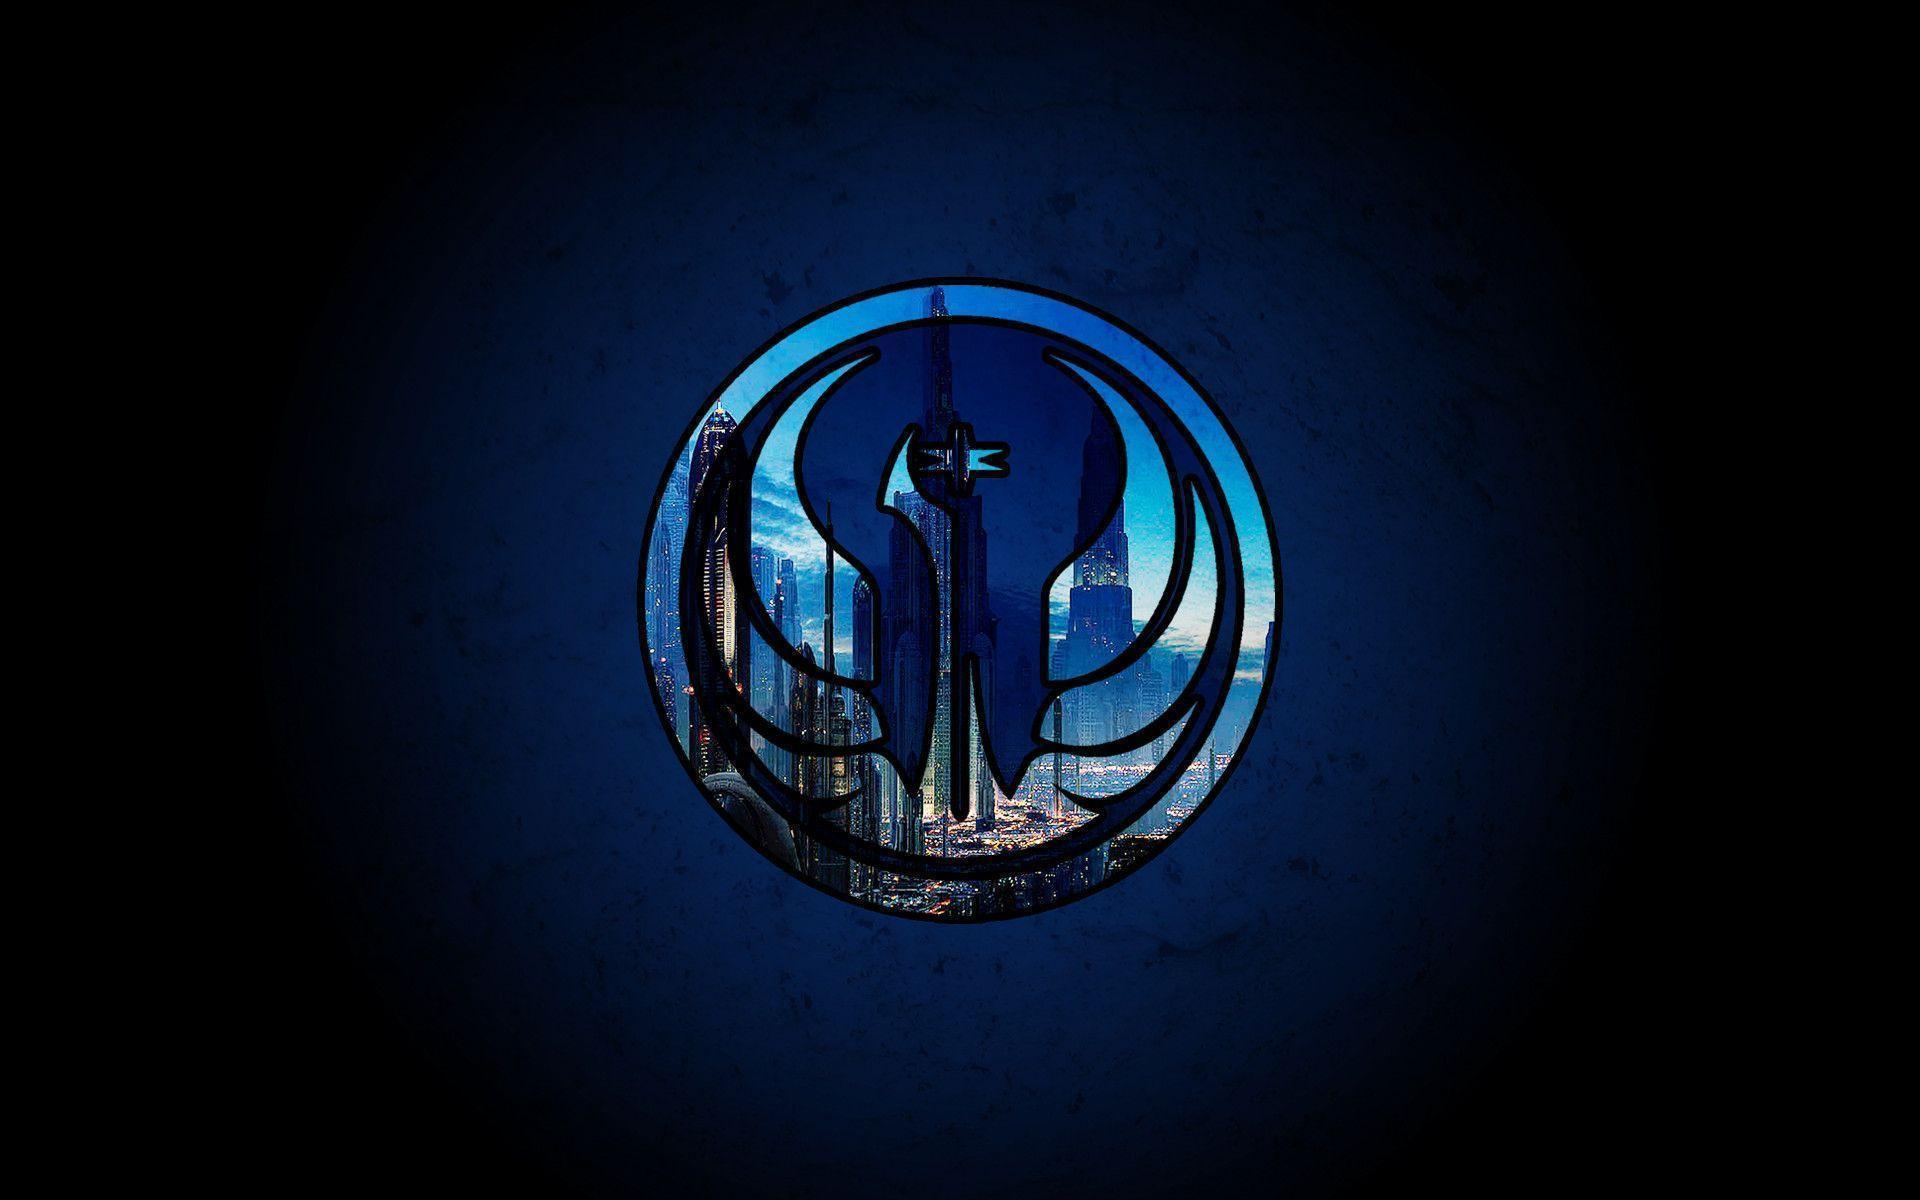 Sith Empire Logo Wallpaper